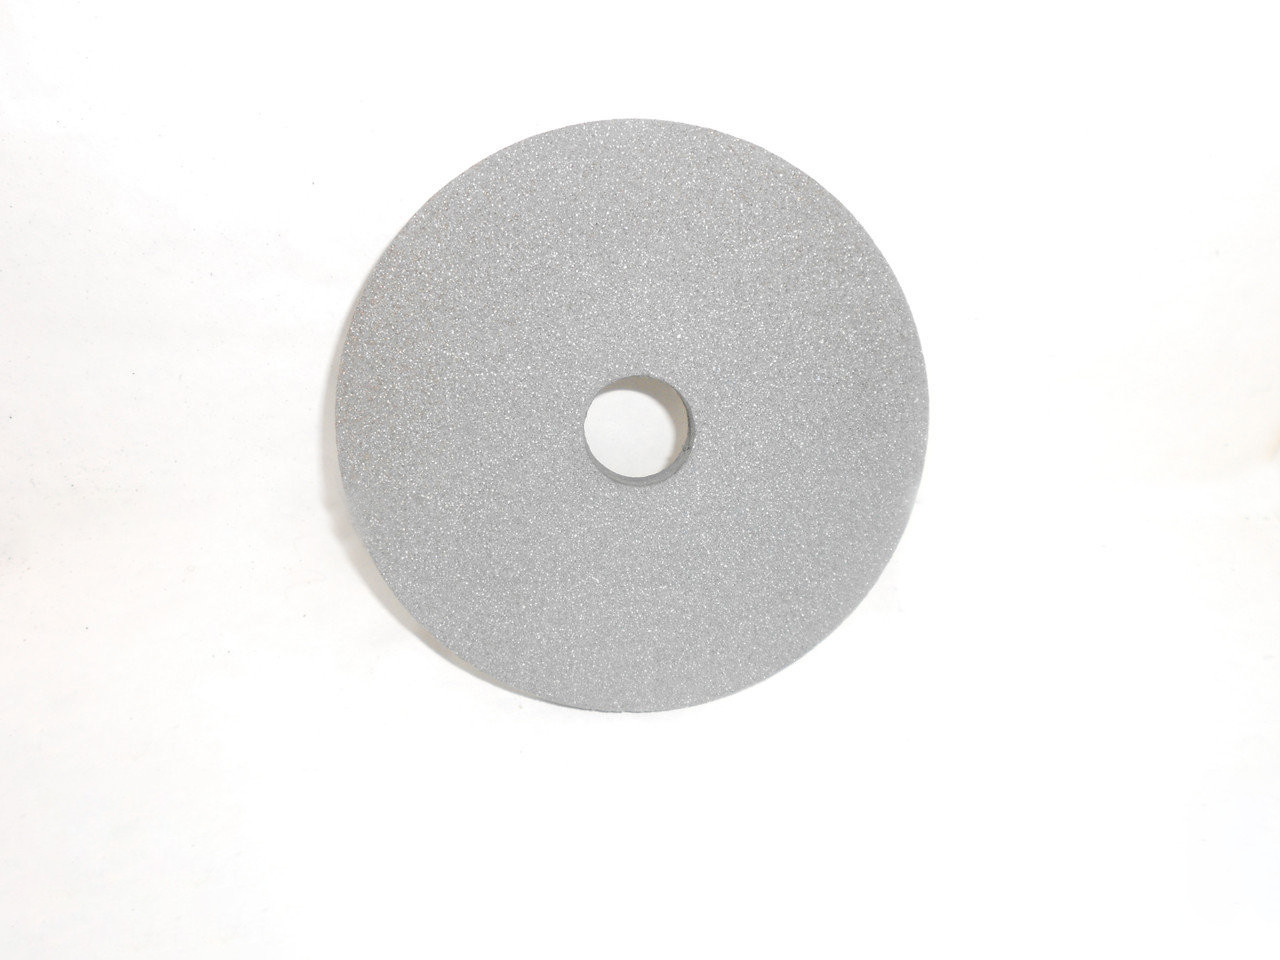 Круг шлифовальный 14А ПП 150х25х32  25-40 СМ-СТ